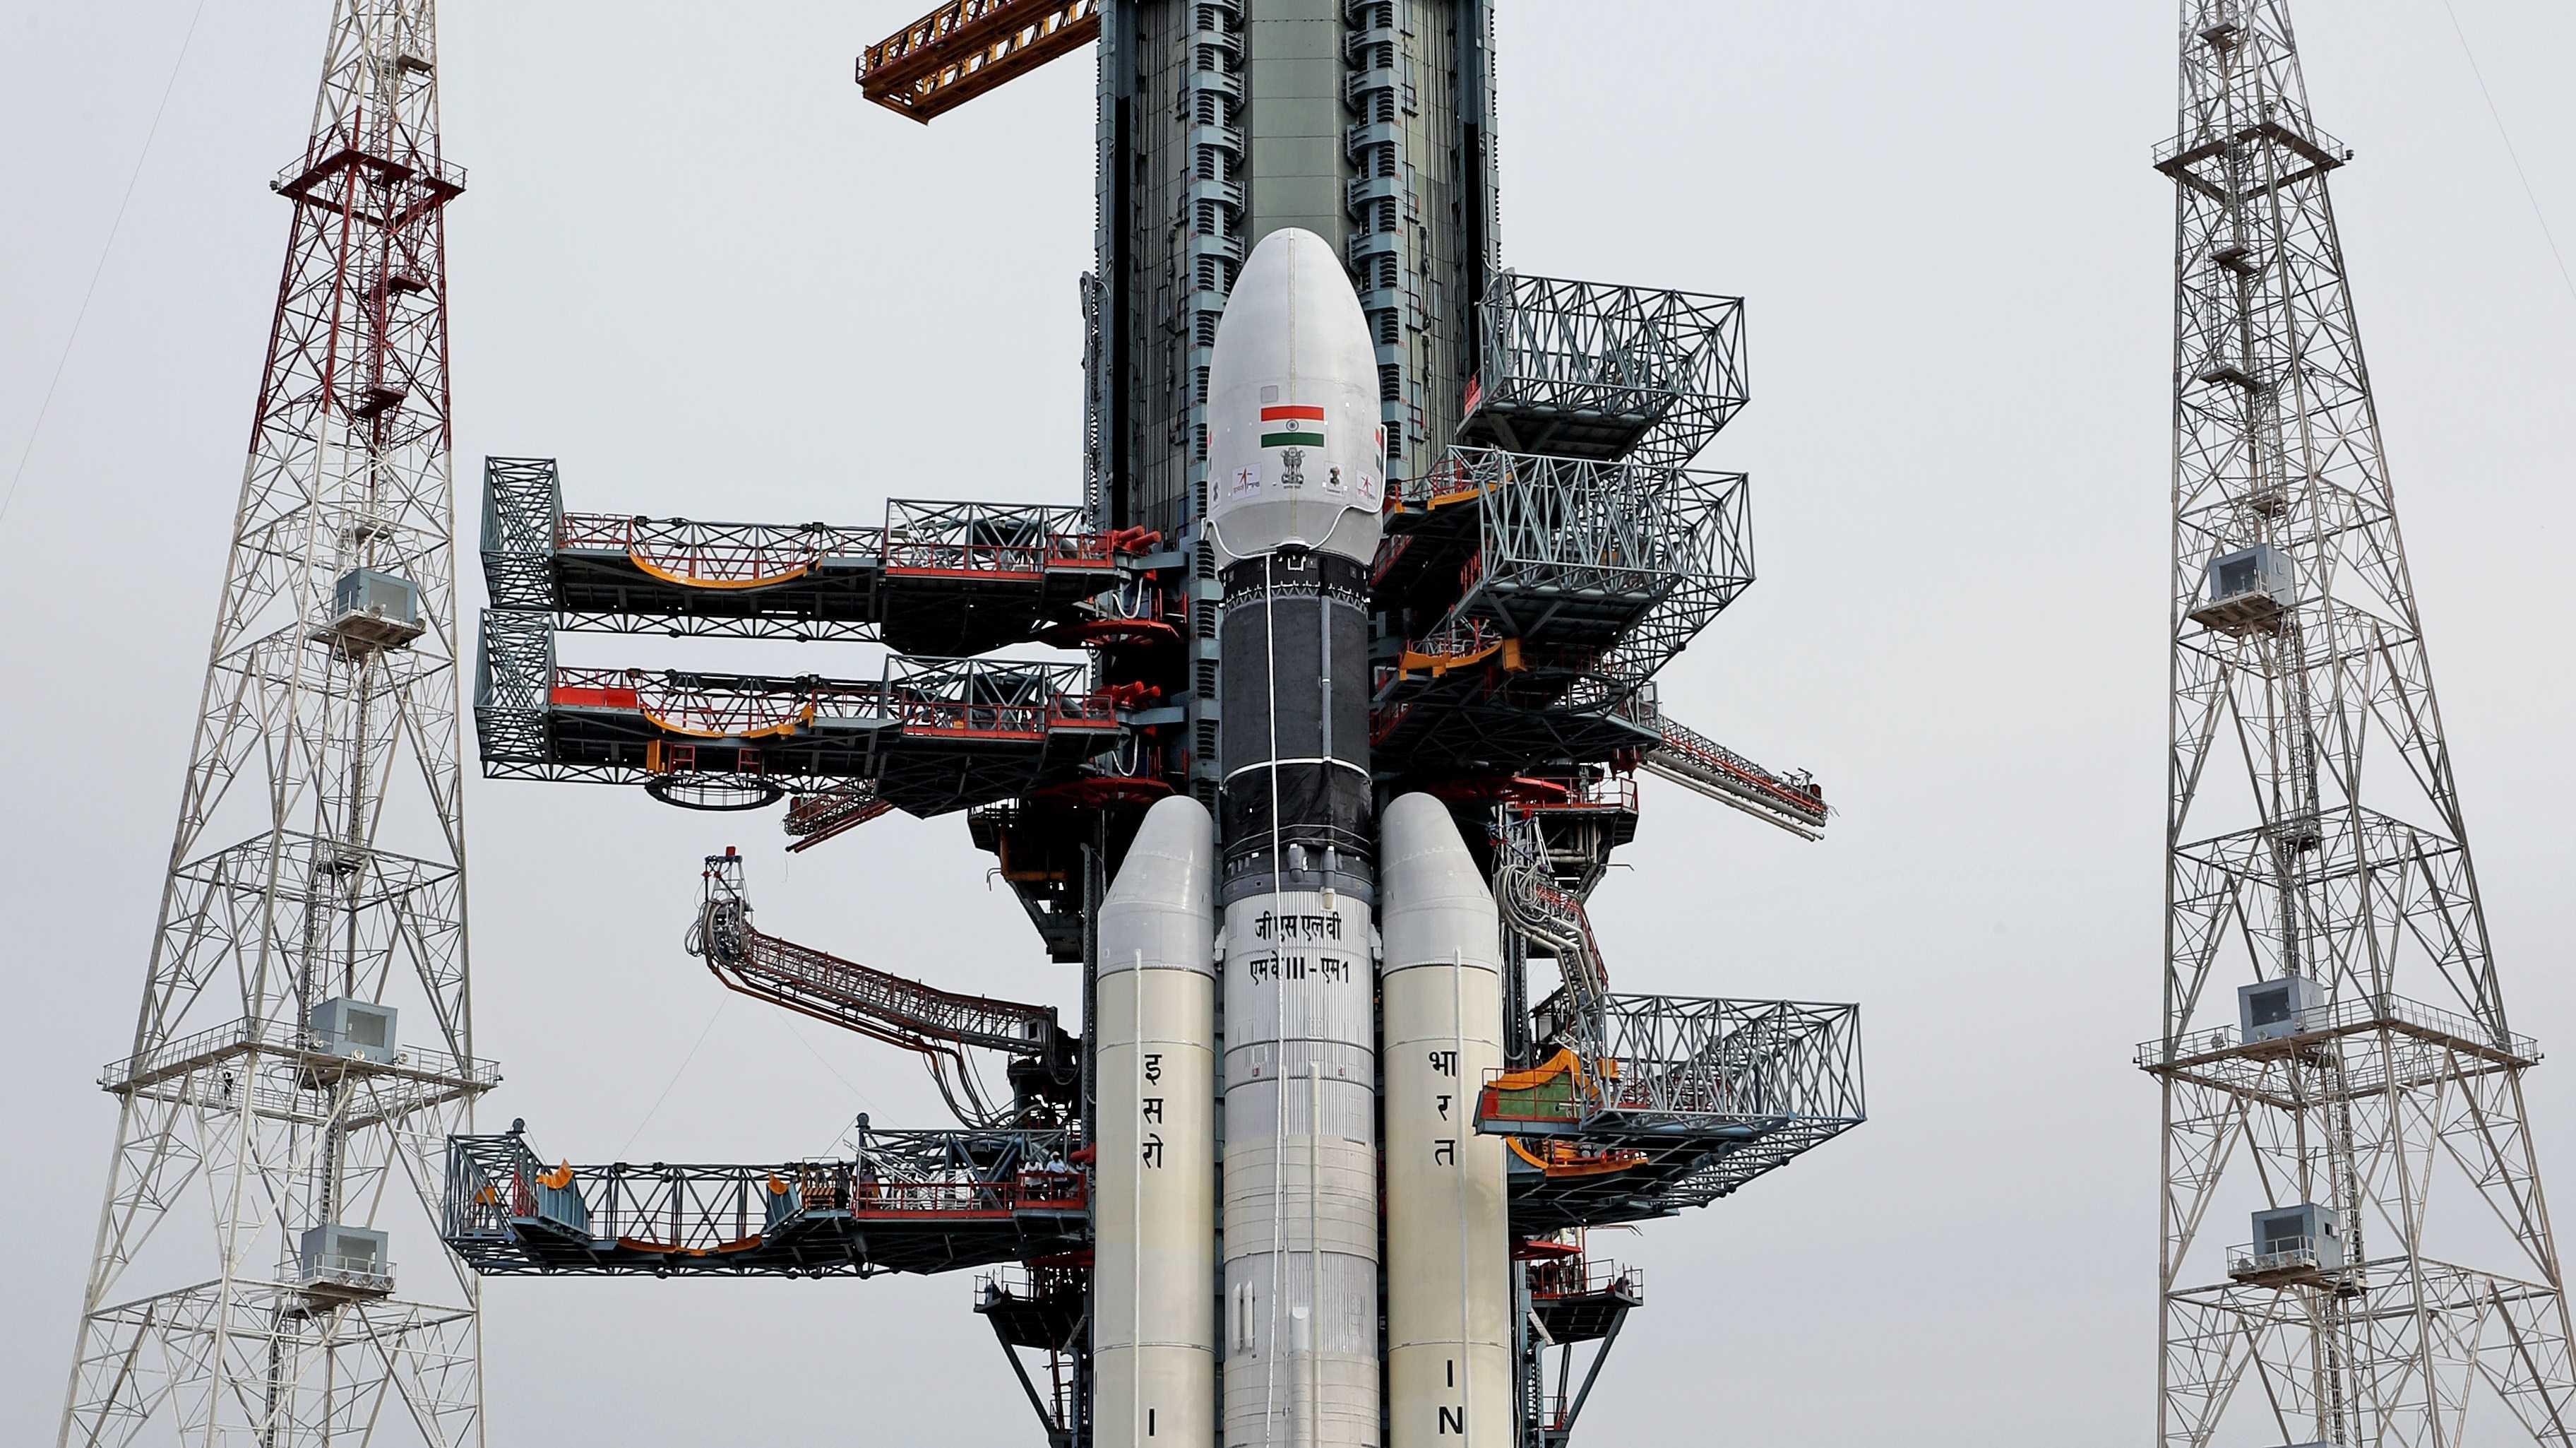 Chandrayaan-2: Indiens Mond-Mission kurz vor Start abgebrochen